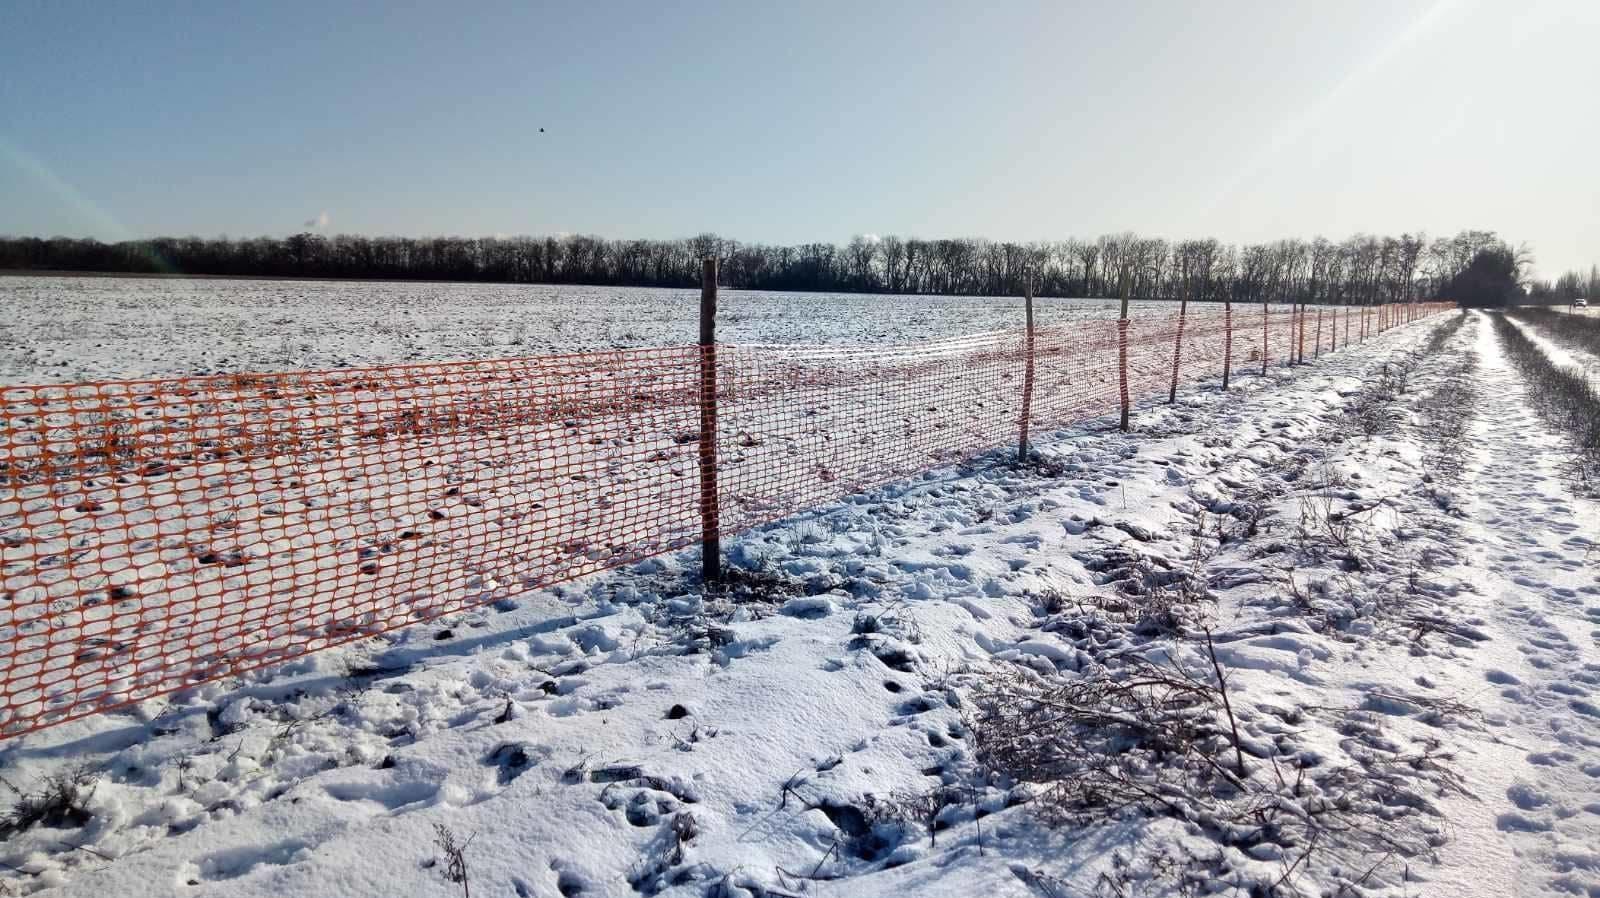 Замість лісосмуг: у Запорізькій області на трасах встановили снігозахисні сітки, — ФОТО